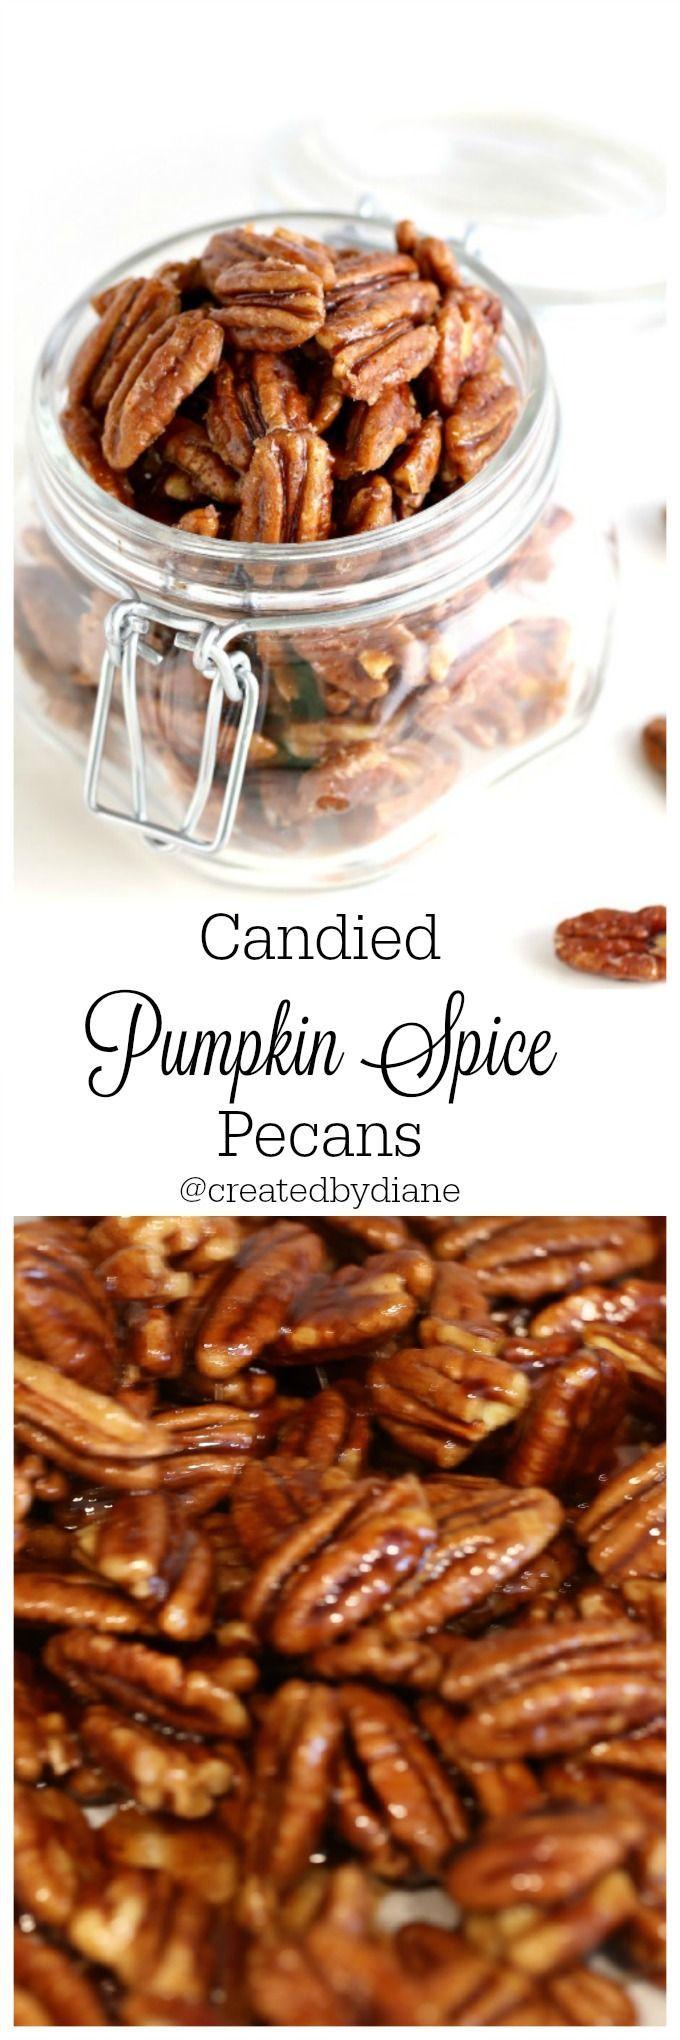 Candied Pumpkin Spice Pecans @createdydiane